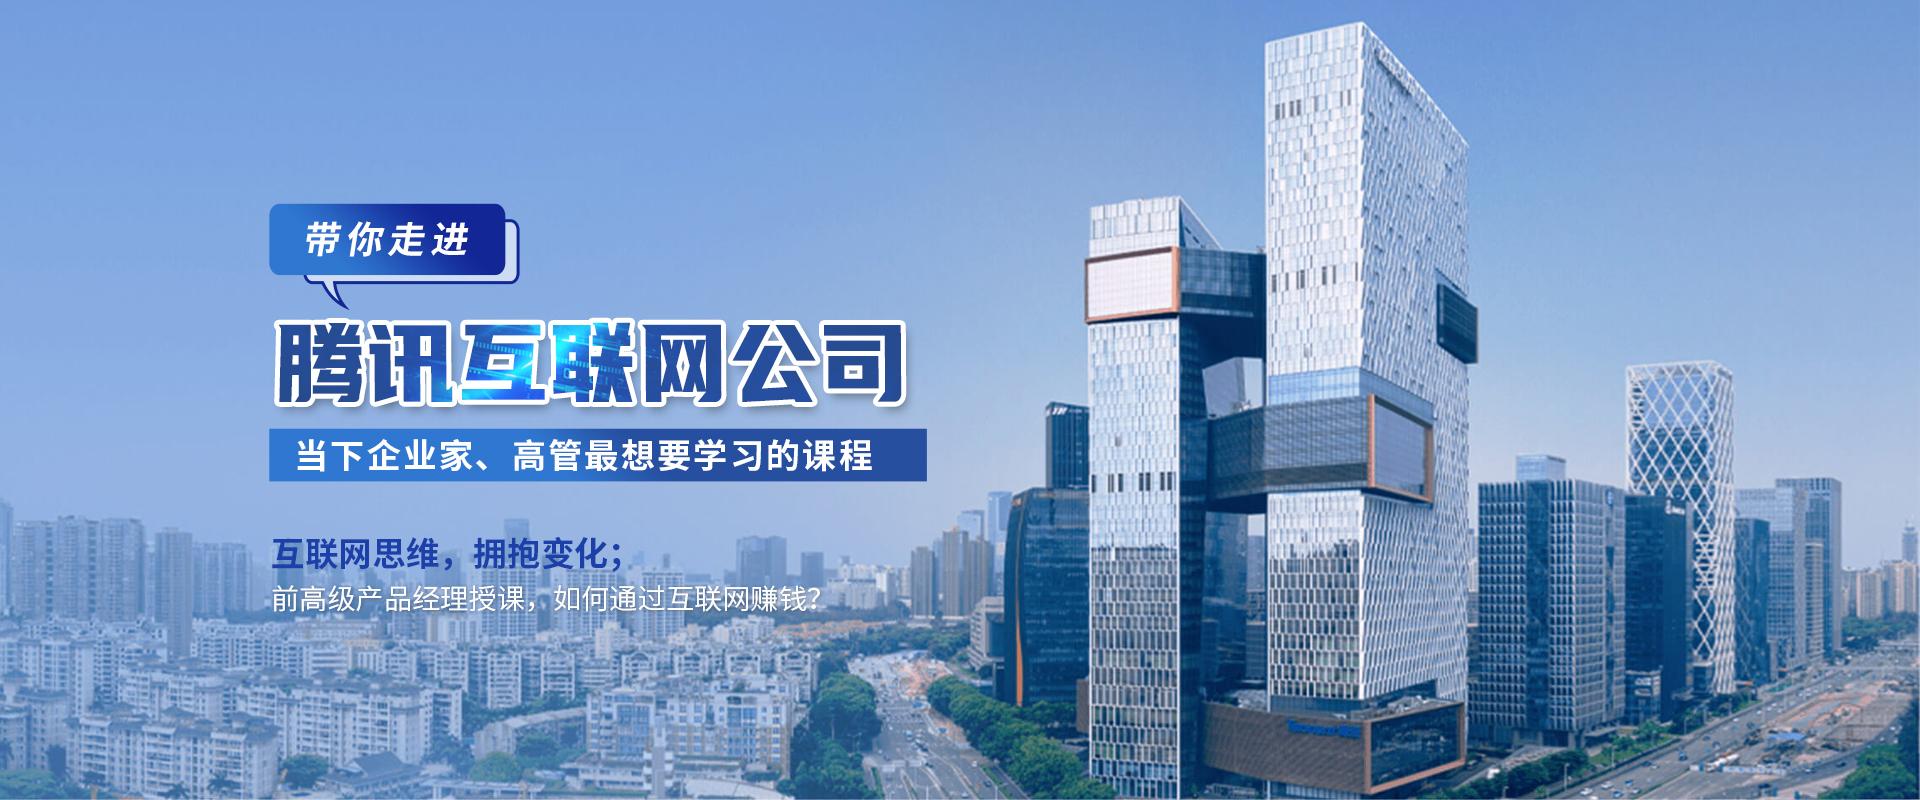 深圳工業游